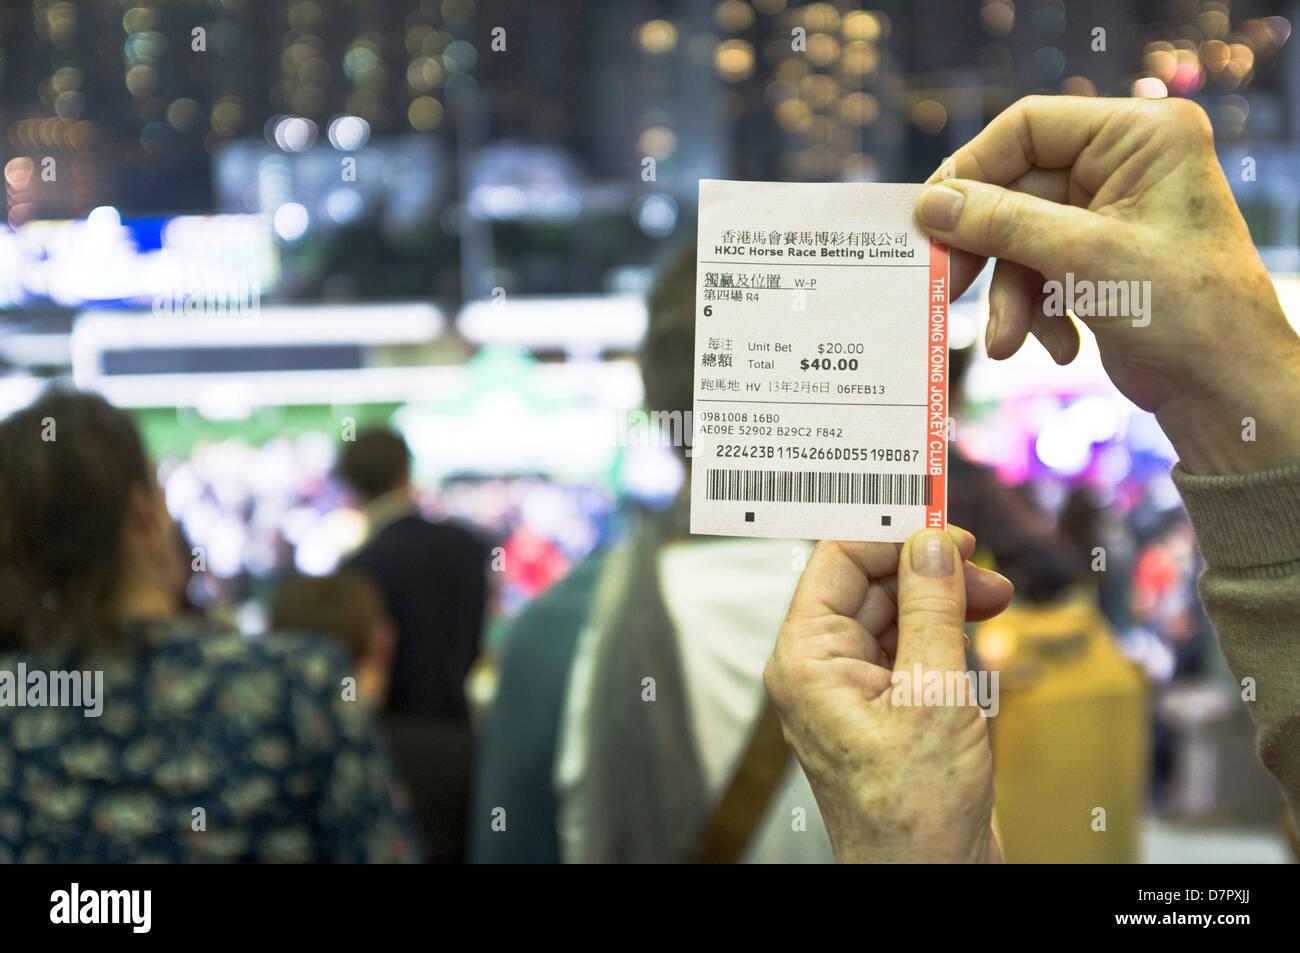 Racecourse bet taker